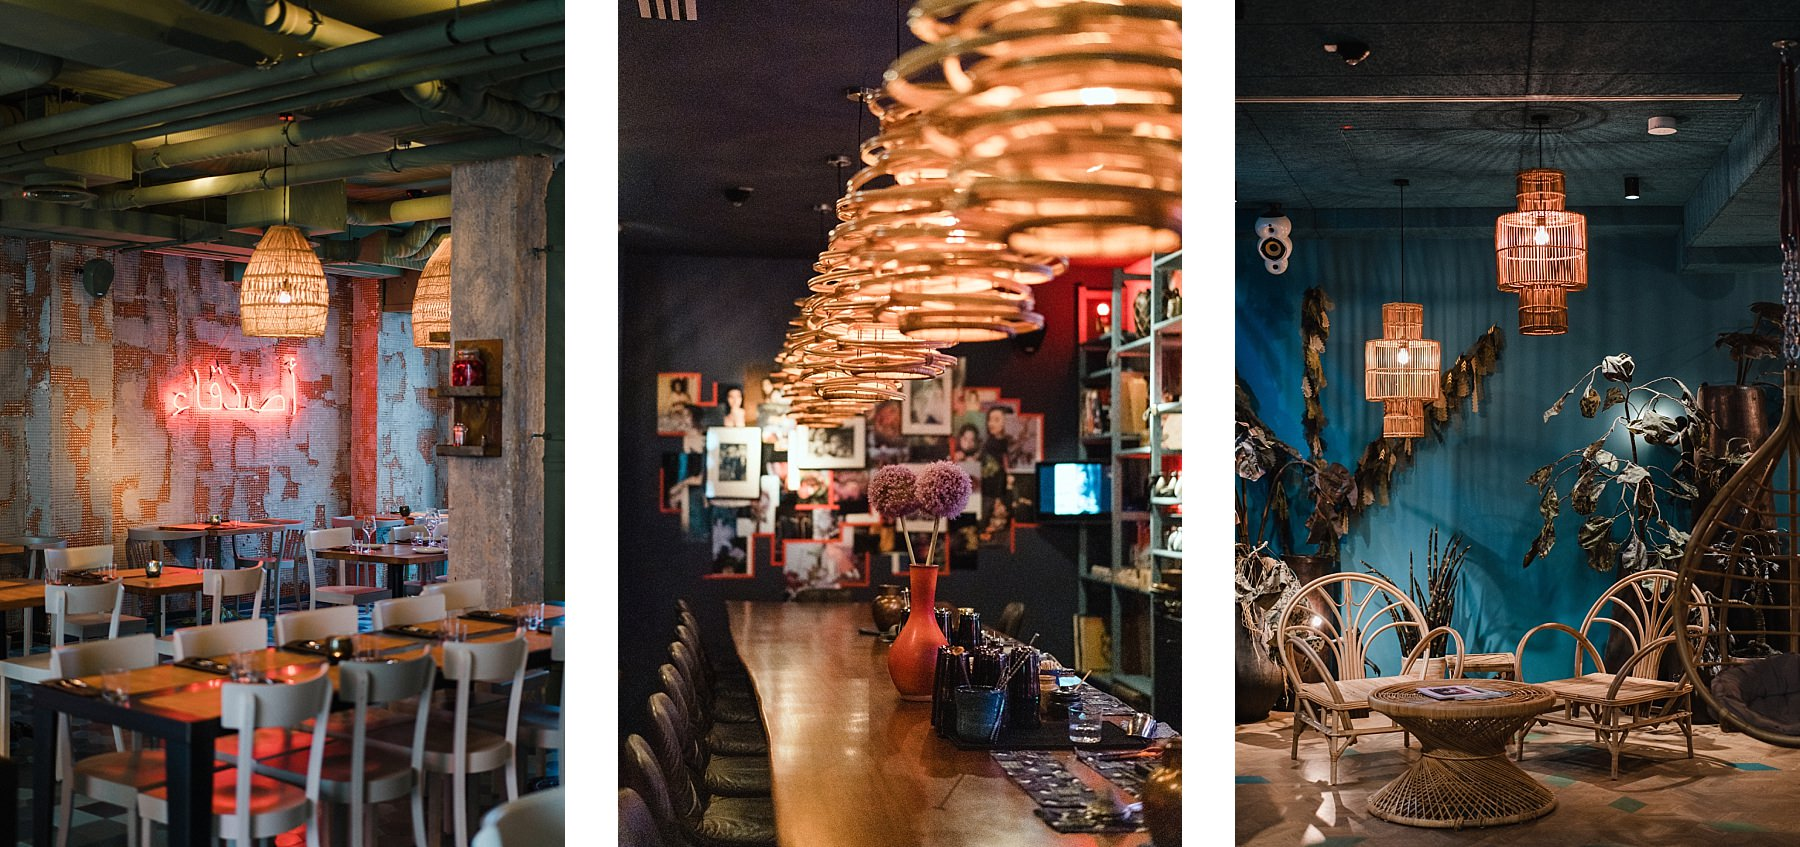 25 hours hotel Francfort - le restaurant